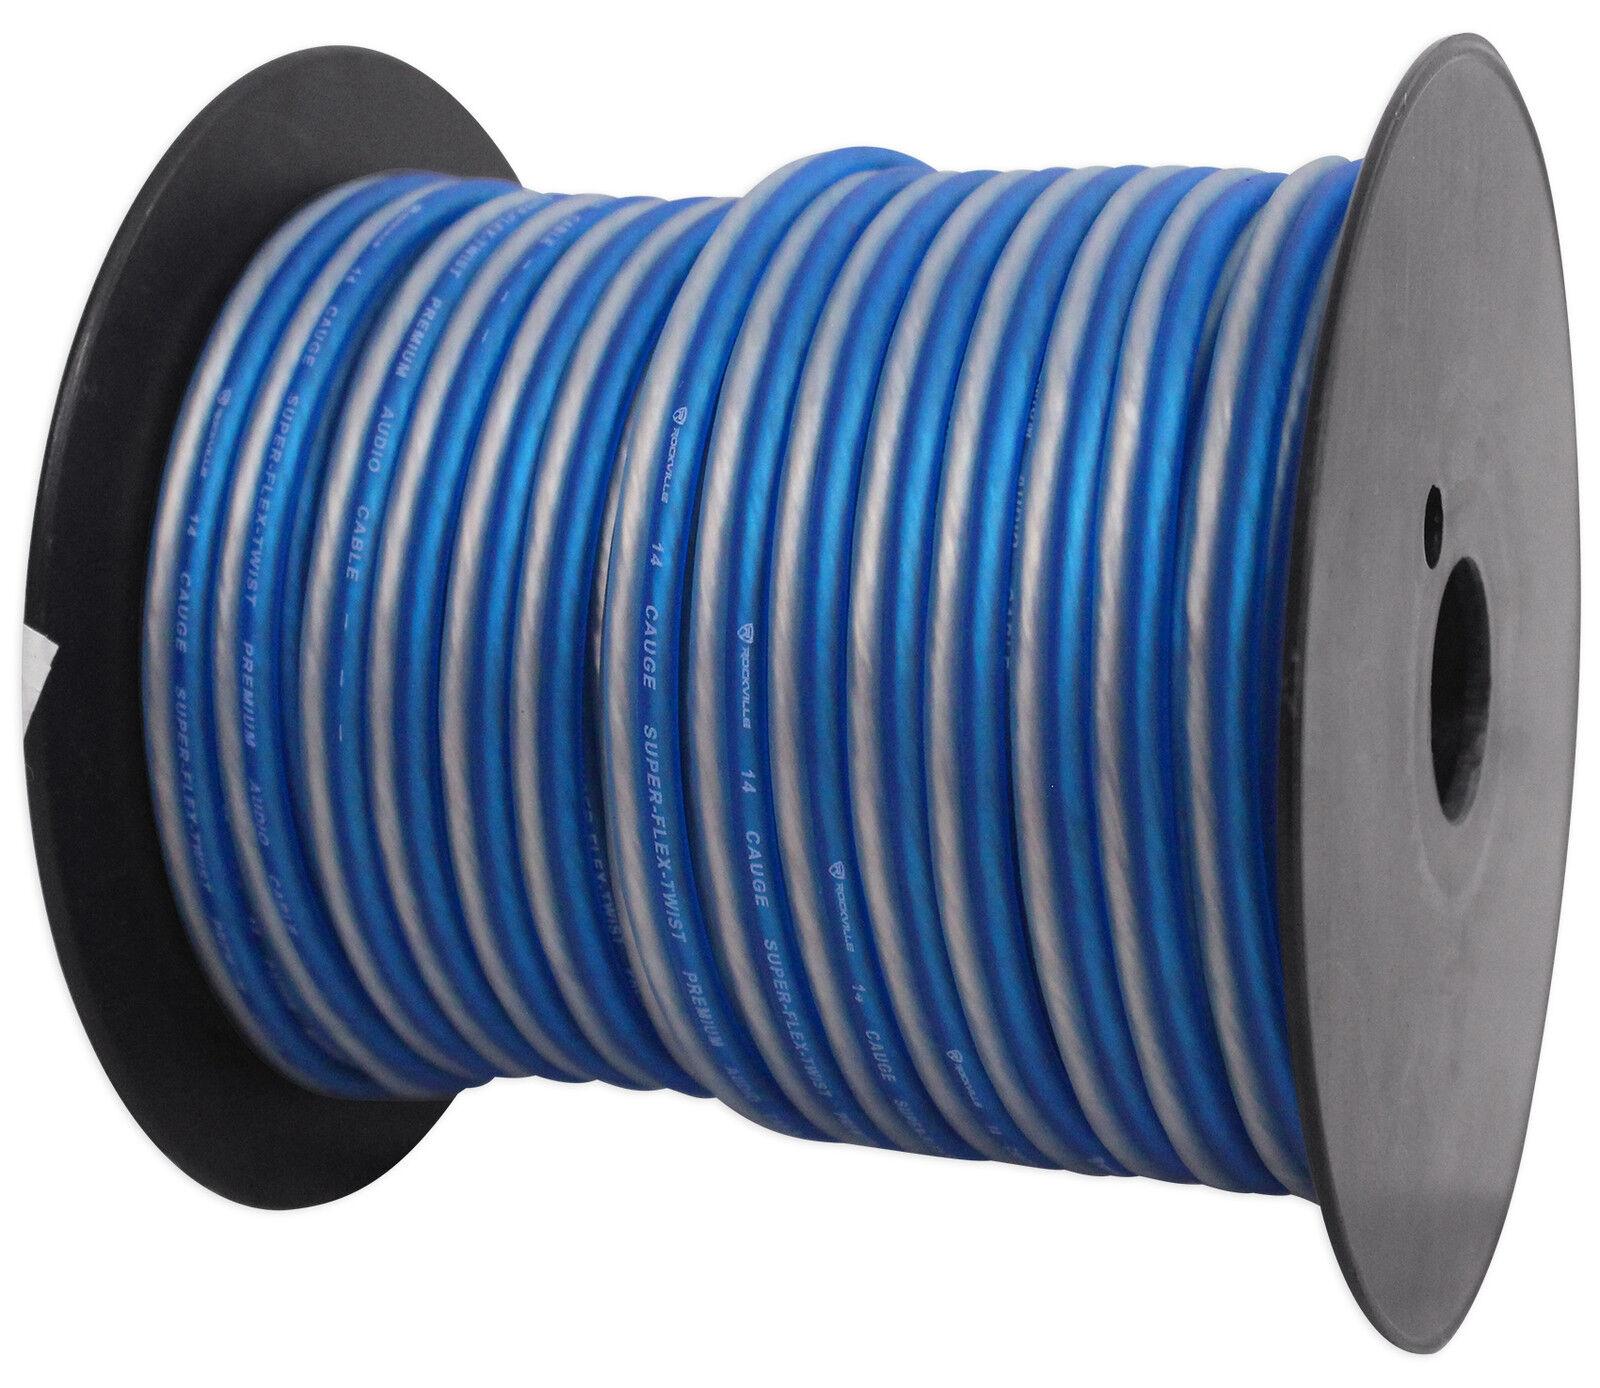 Rockville R14GBLS100 14 Gauge 100\' Spool Car Audio Speaker Wire | eBay